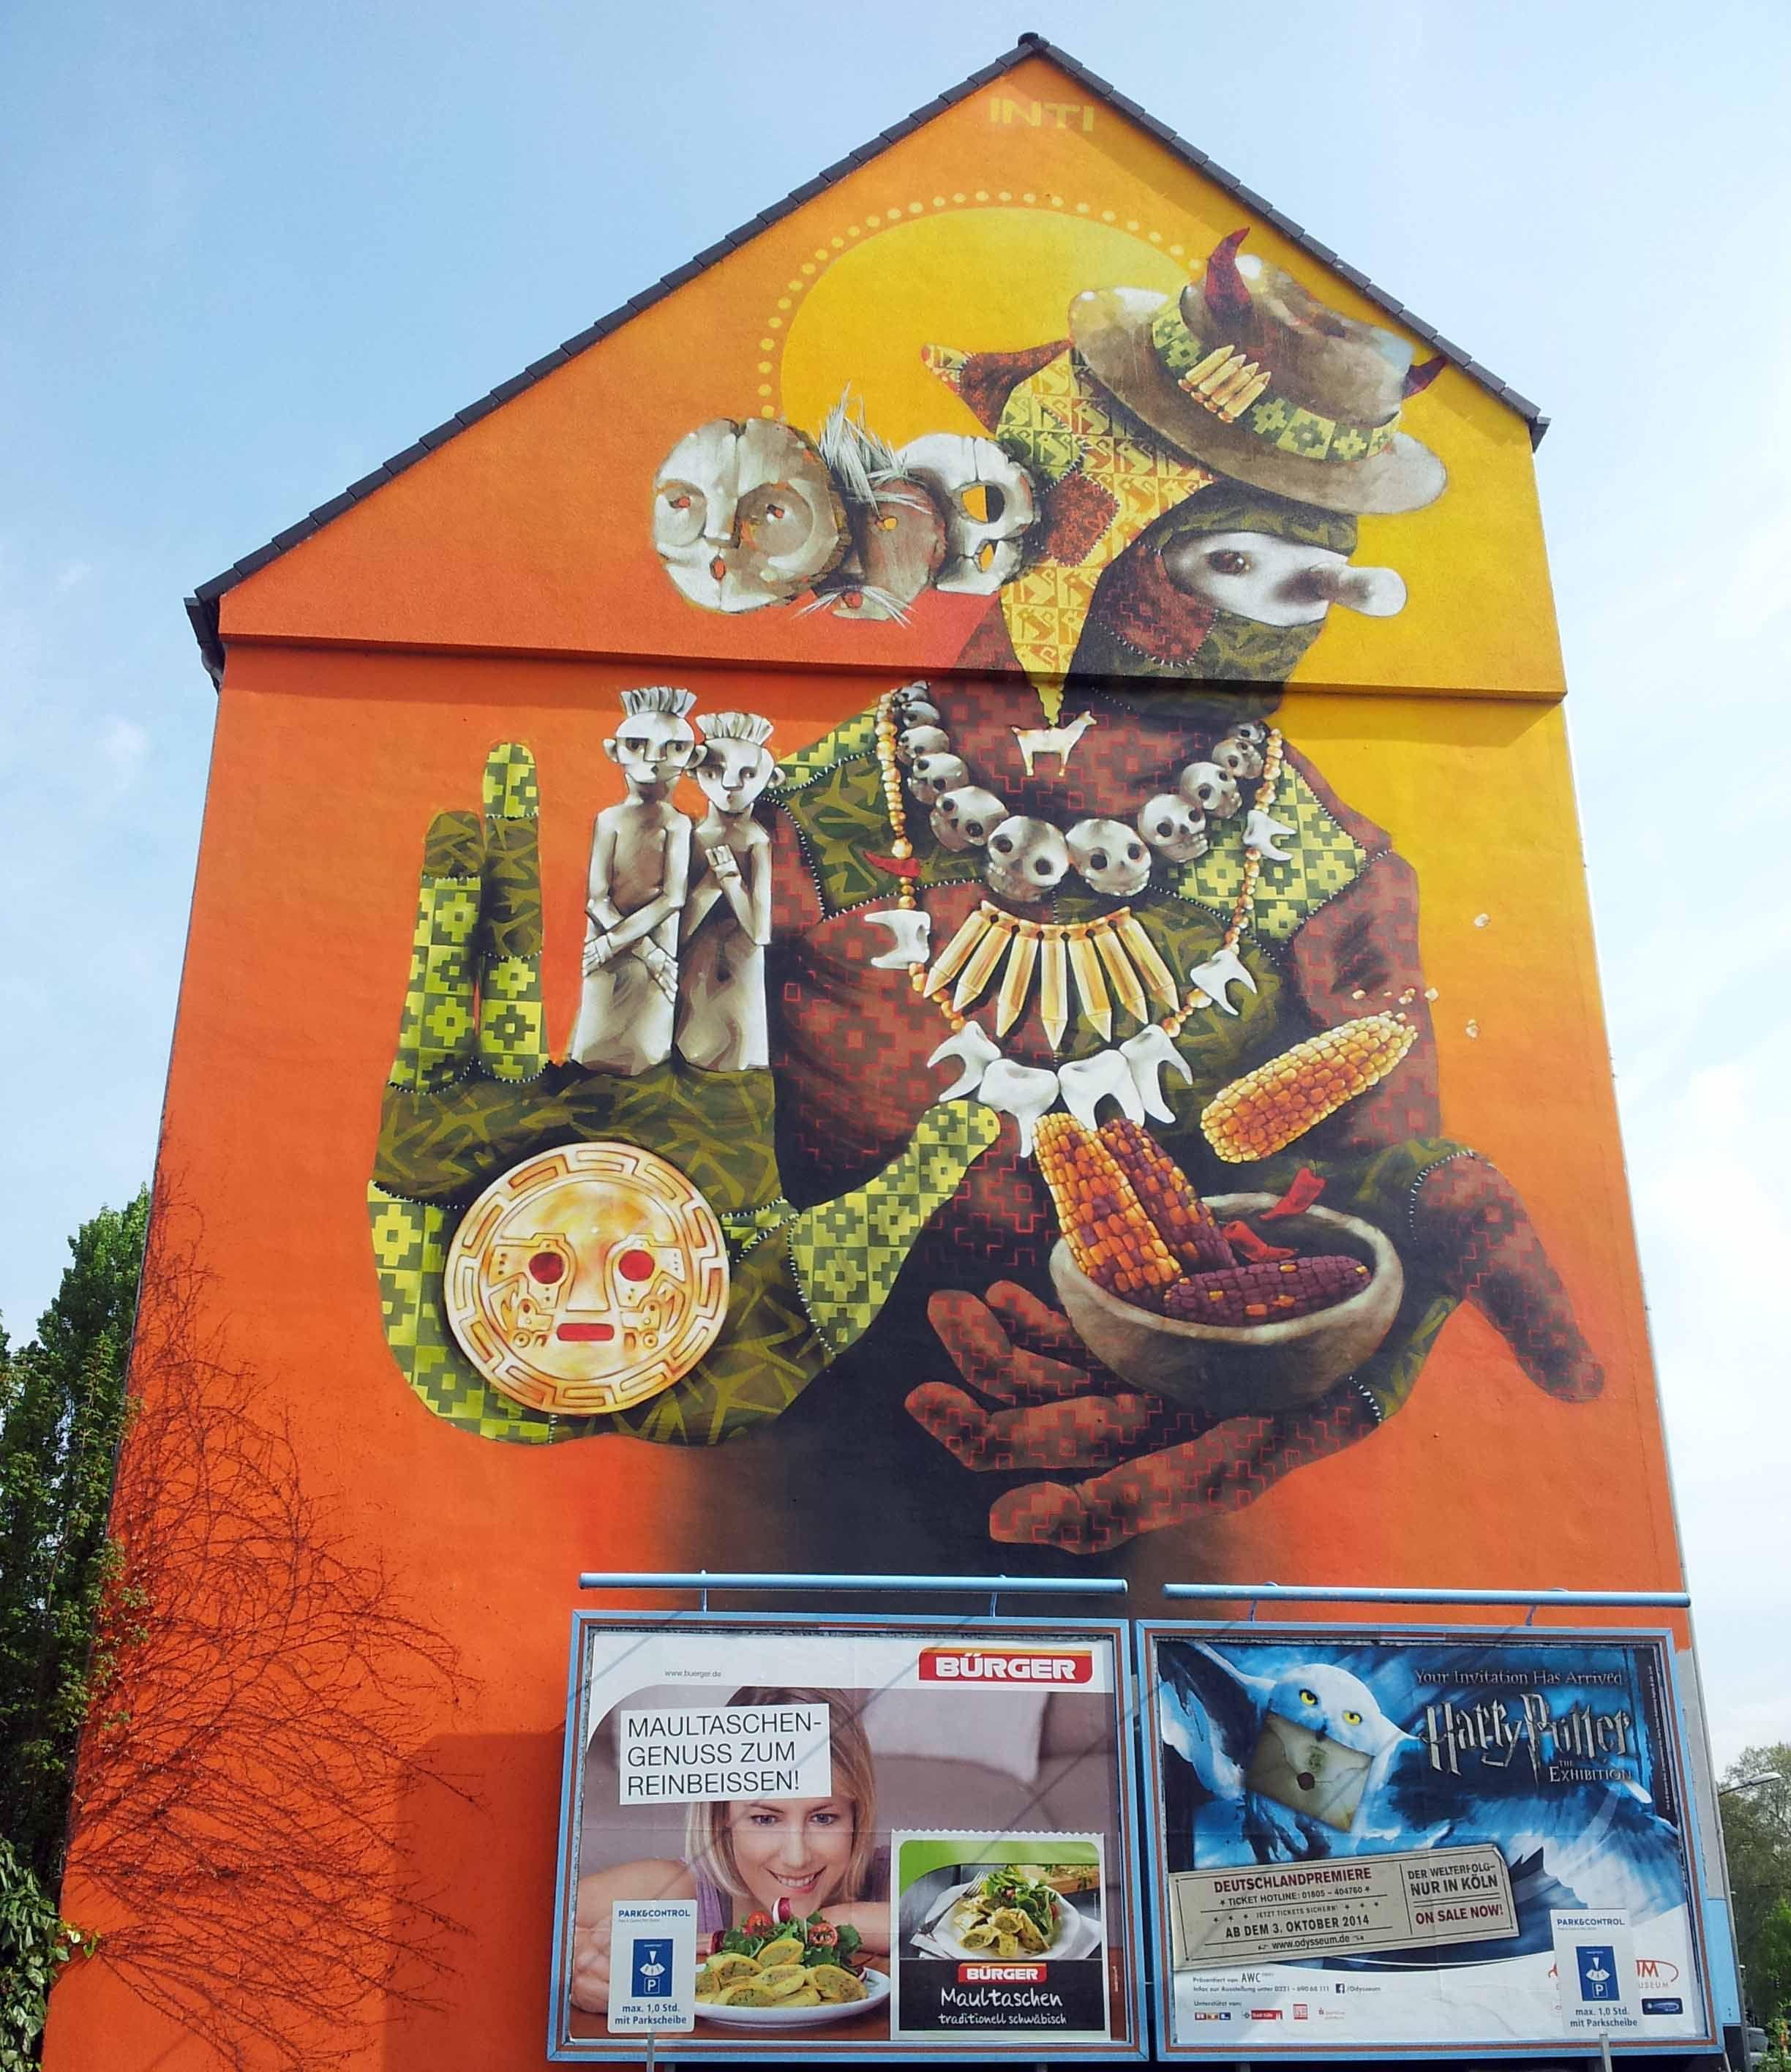 Künstler Köln cityleaks festival 2011 wandgemälde mural vogelsanger straße 14